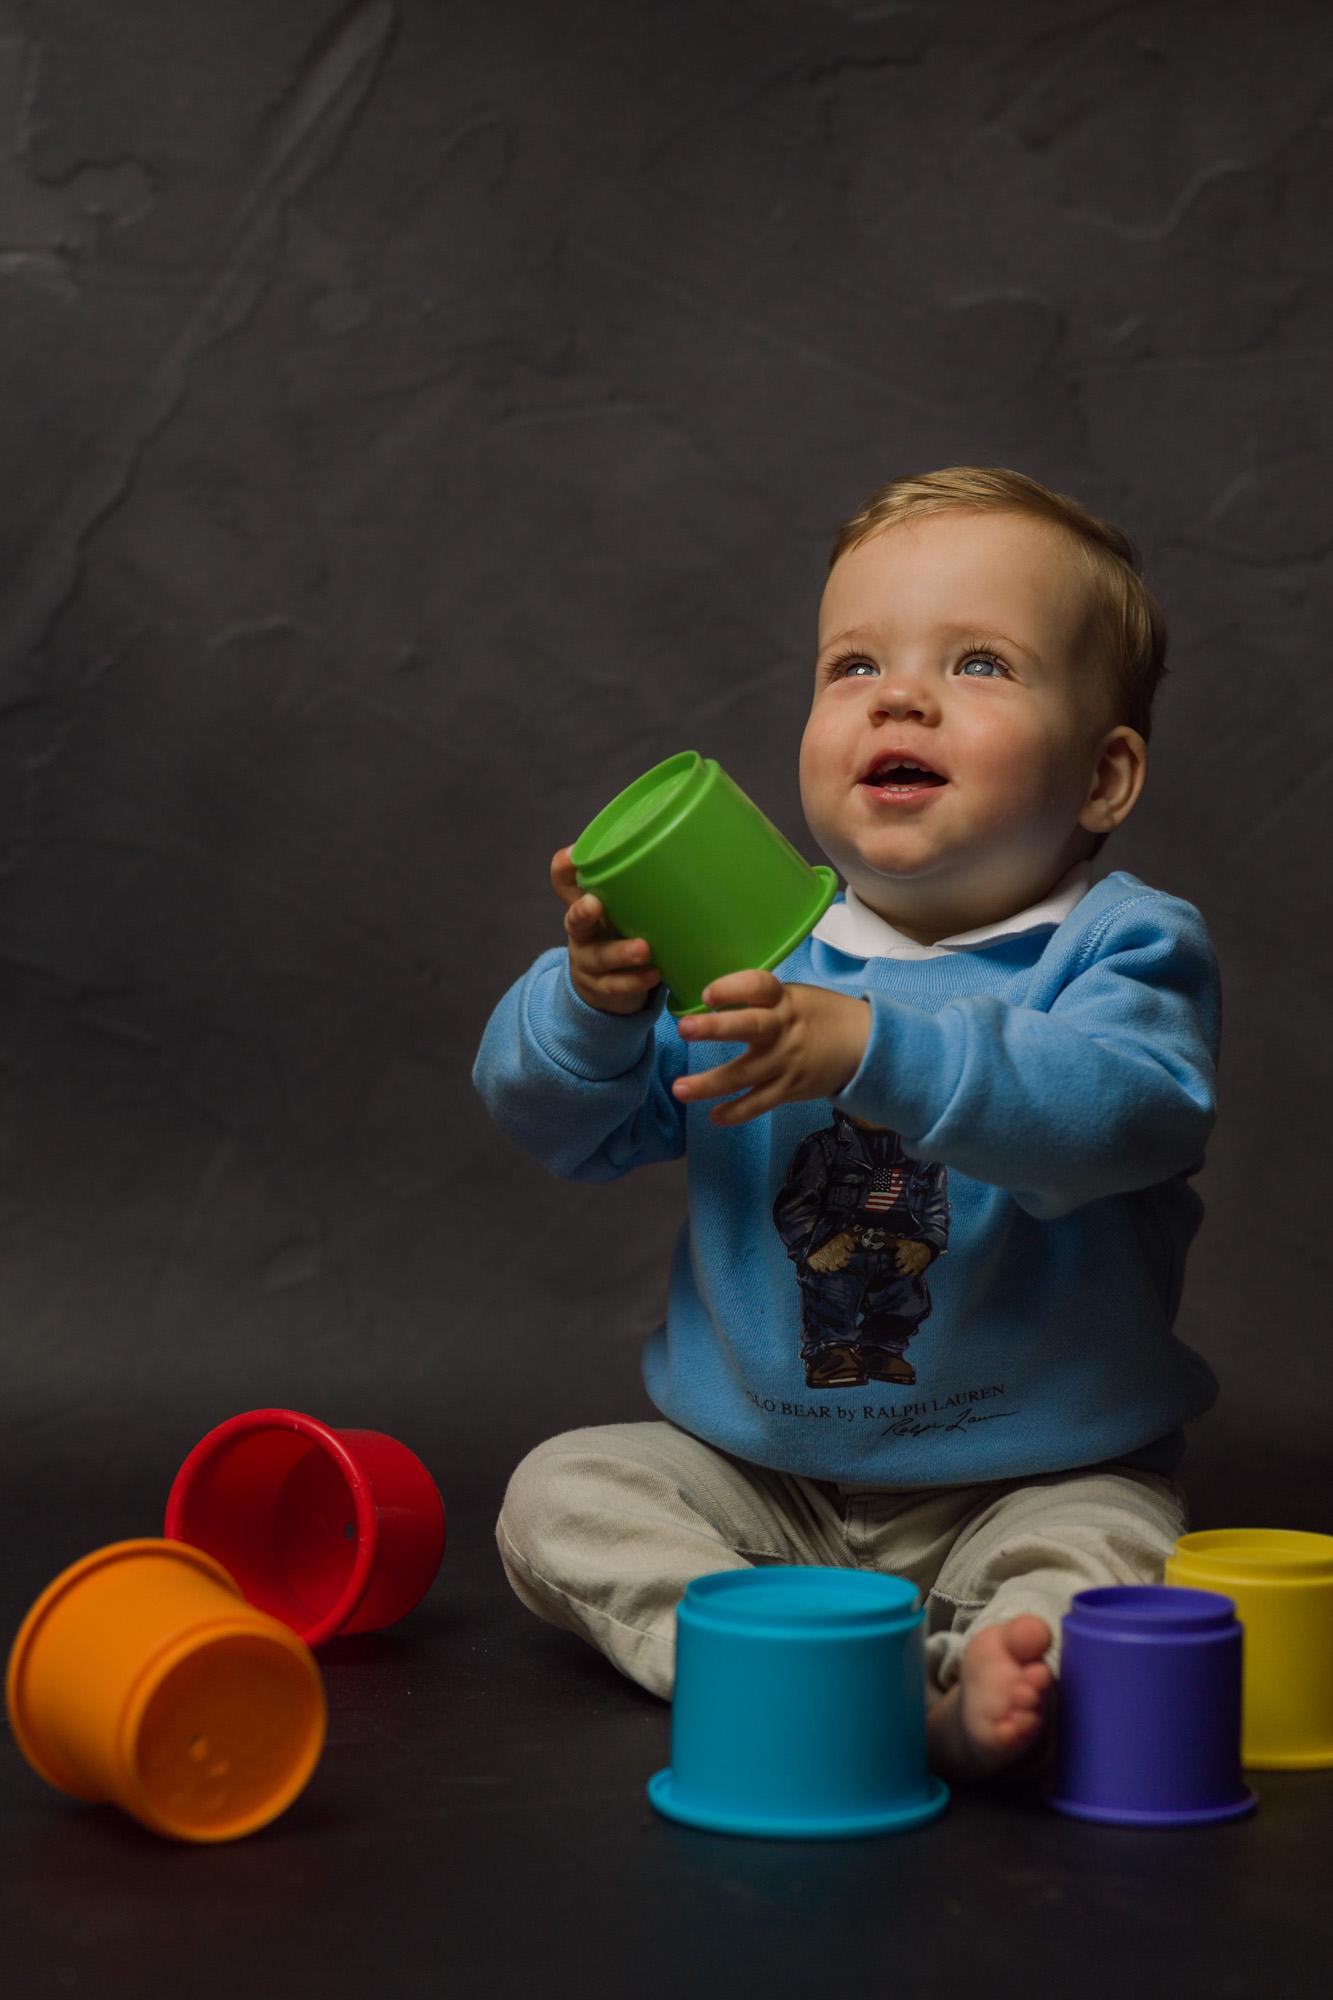 Kinder portret van blond jongetje met blauwe ogen door Mayra Fotografie